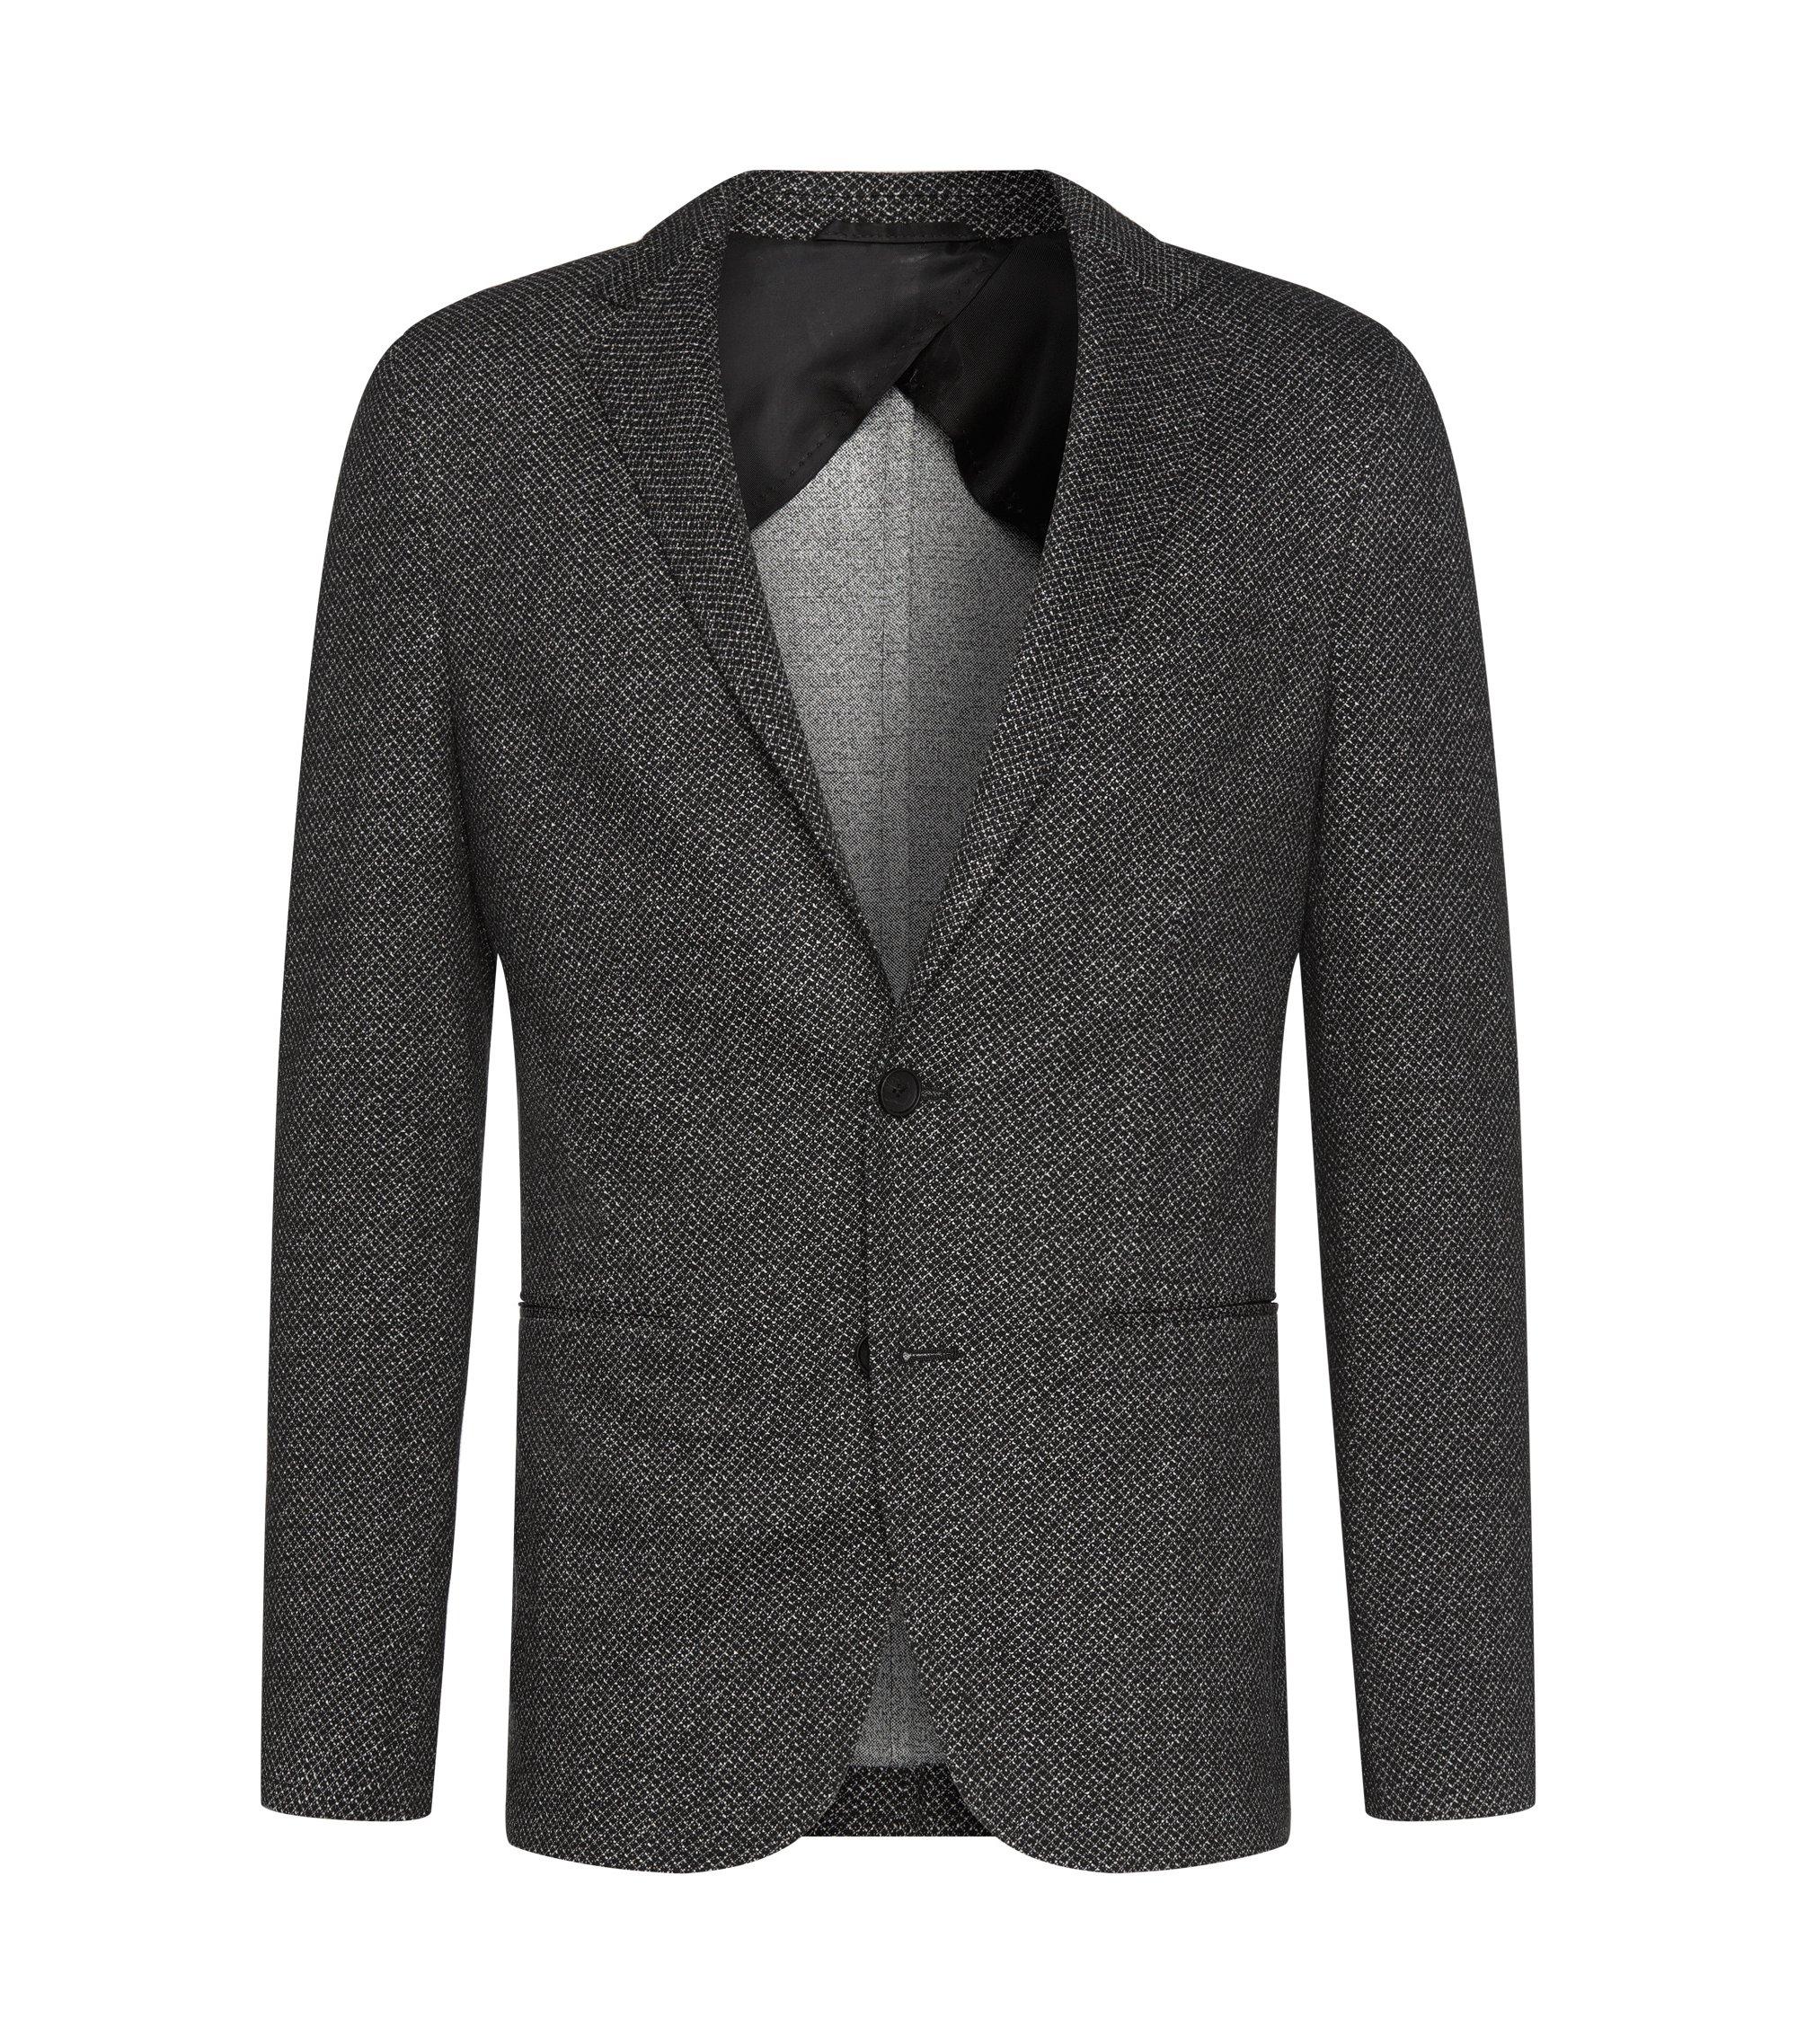 Patterned Jersey Sport Coat, Slim Fit | Norwin, Black